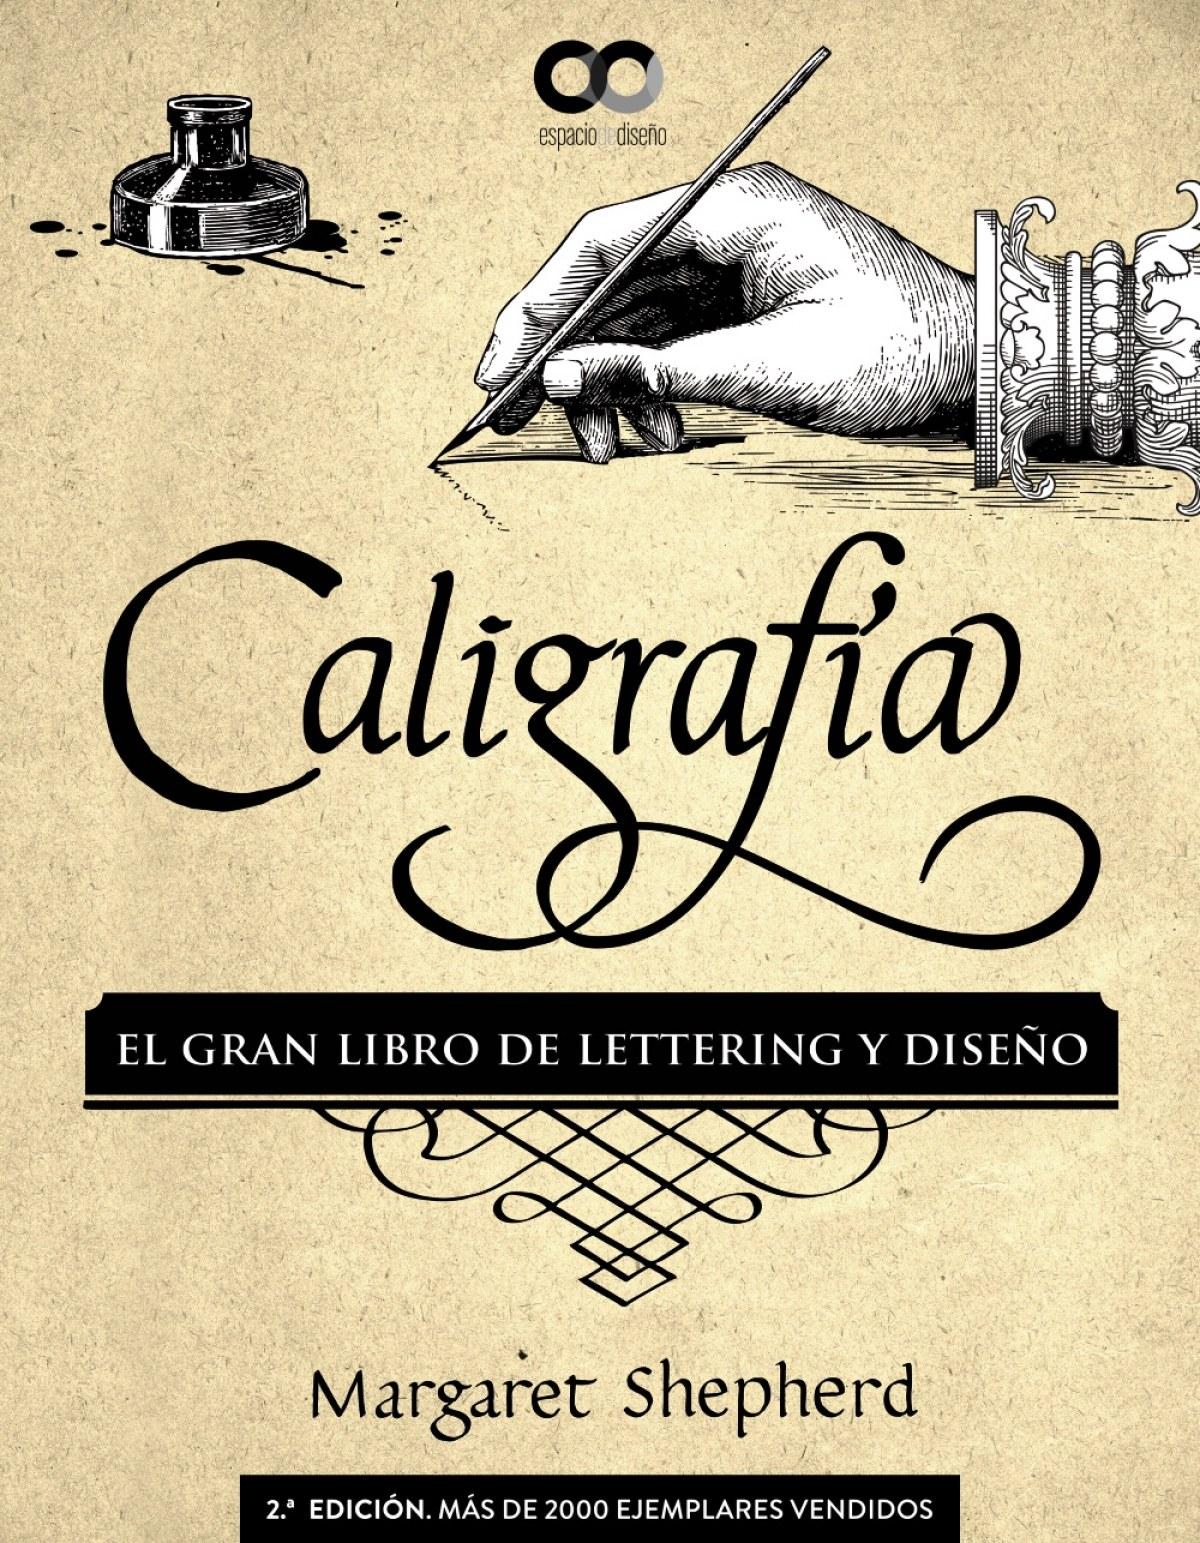 CALIGRAFÍA. EL GRAN LIBRO DE LETTERING Y DISEñO 9788441540569